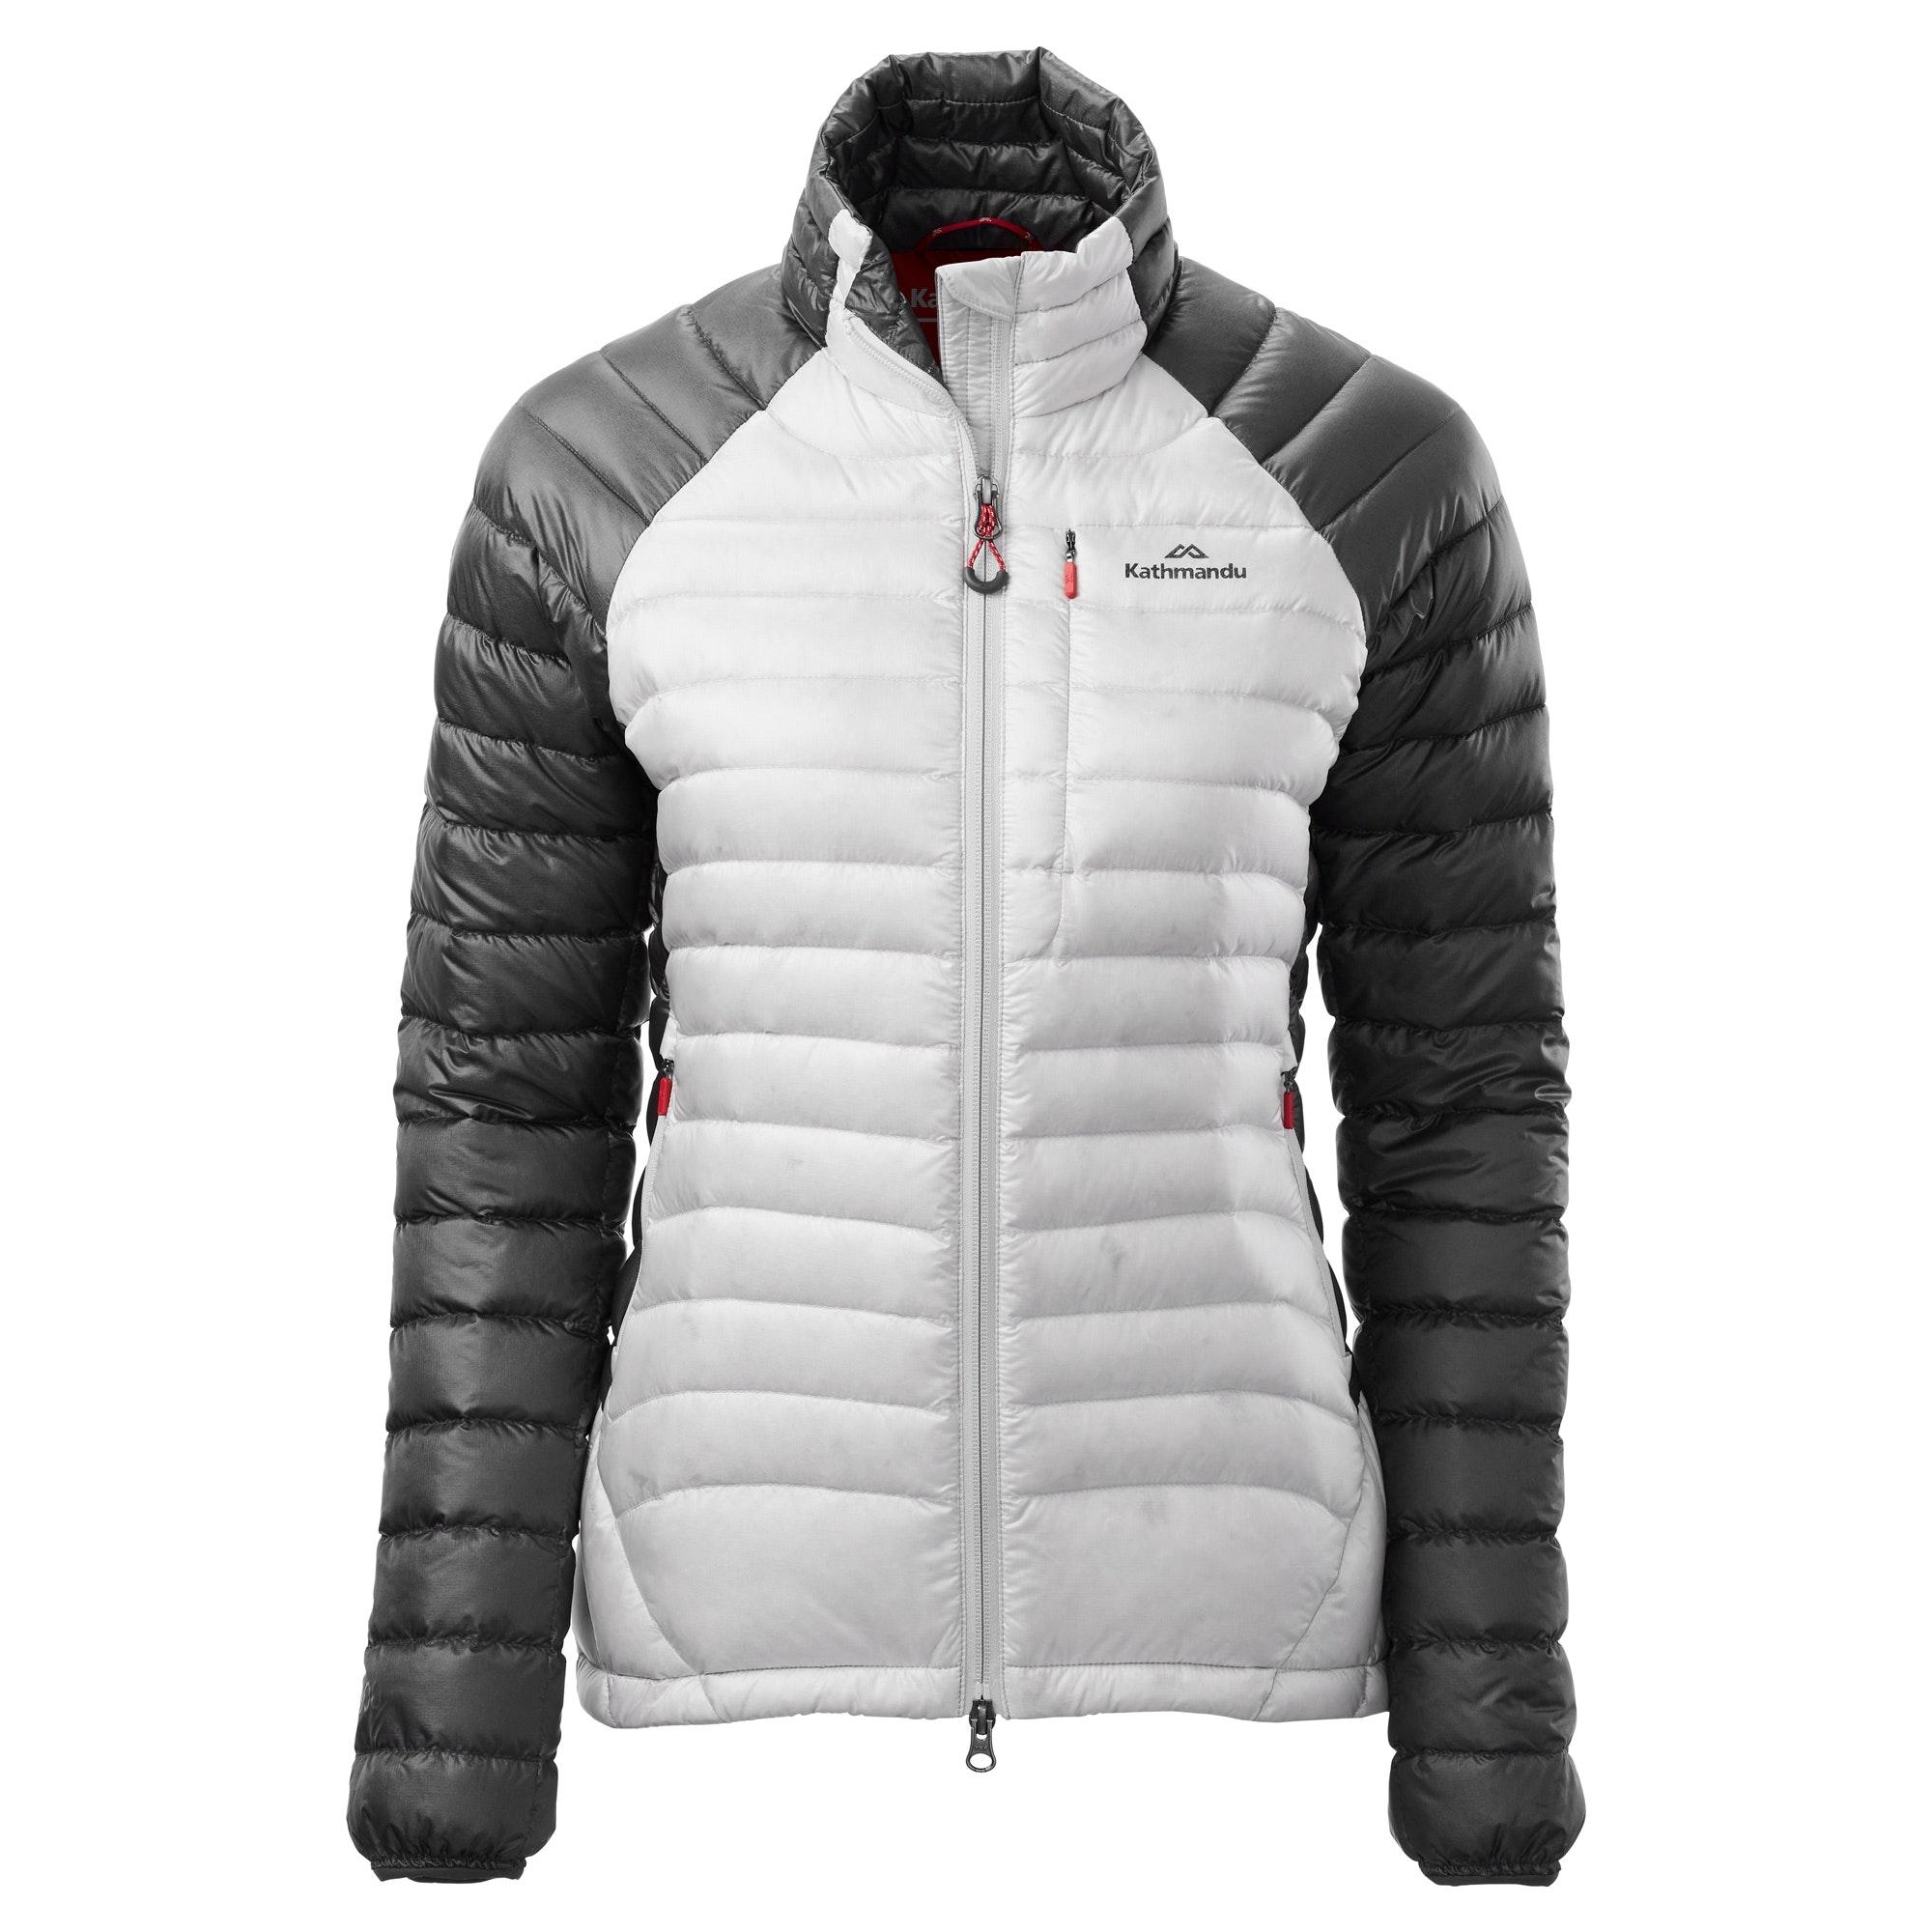 316c85d0473 Kathmandu XT Ultralight Water Repellent Women Winter Down Puffer Jacket  Slim Fit